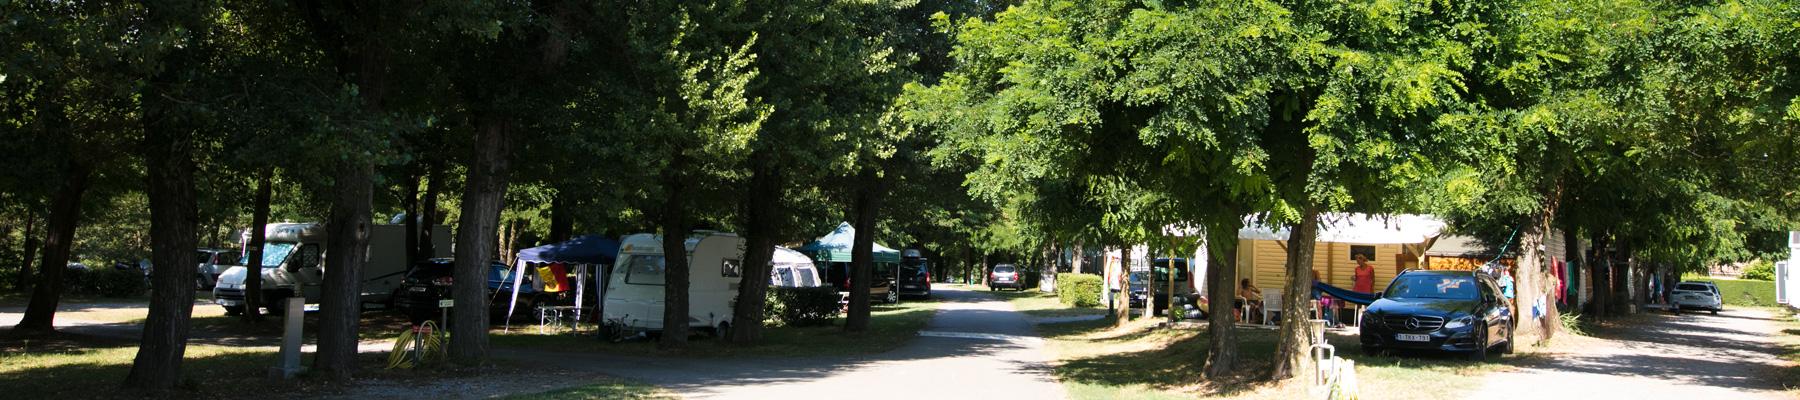 Camping Le Pont de Maisonneuve